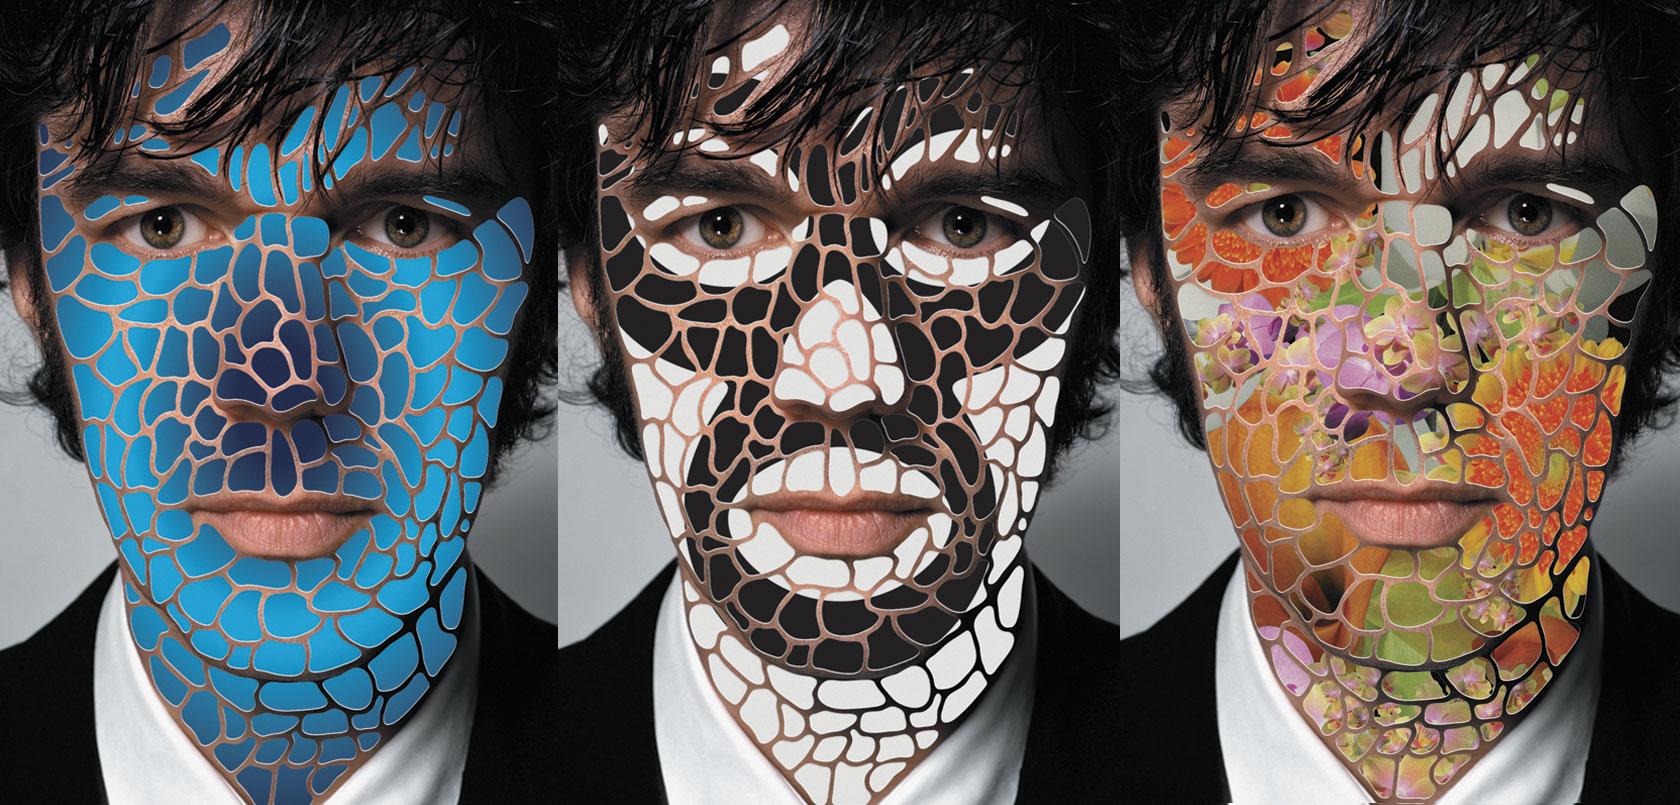 Невероятная работа дизайнера Стефана Загмайстера - Фото 3